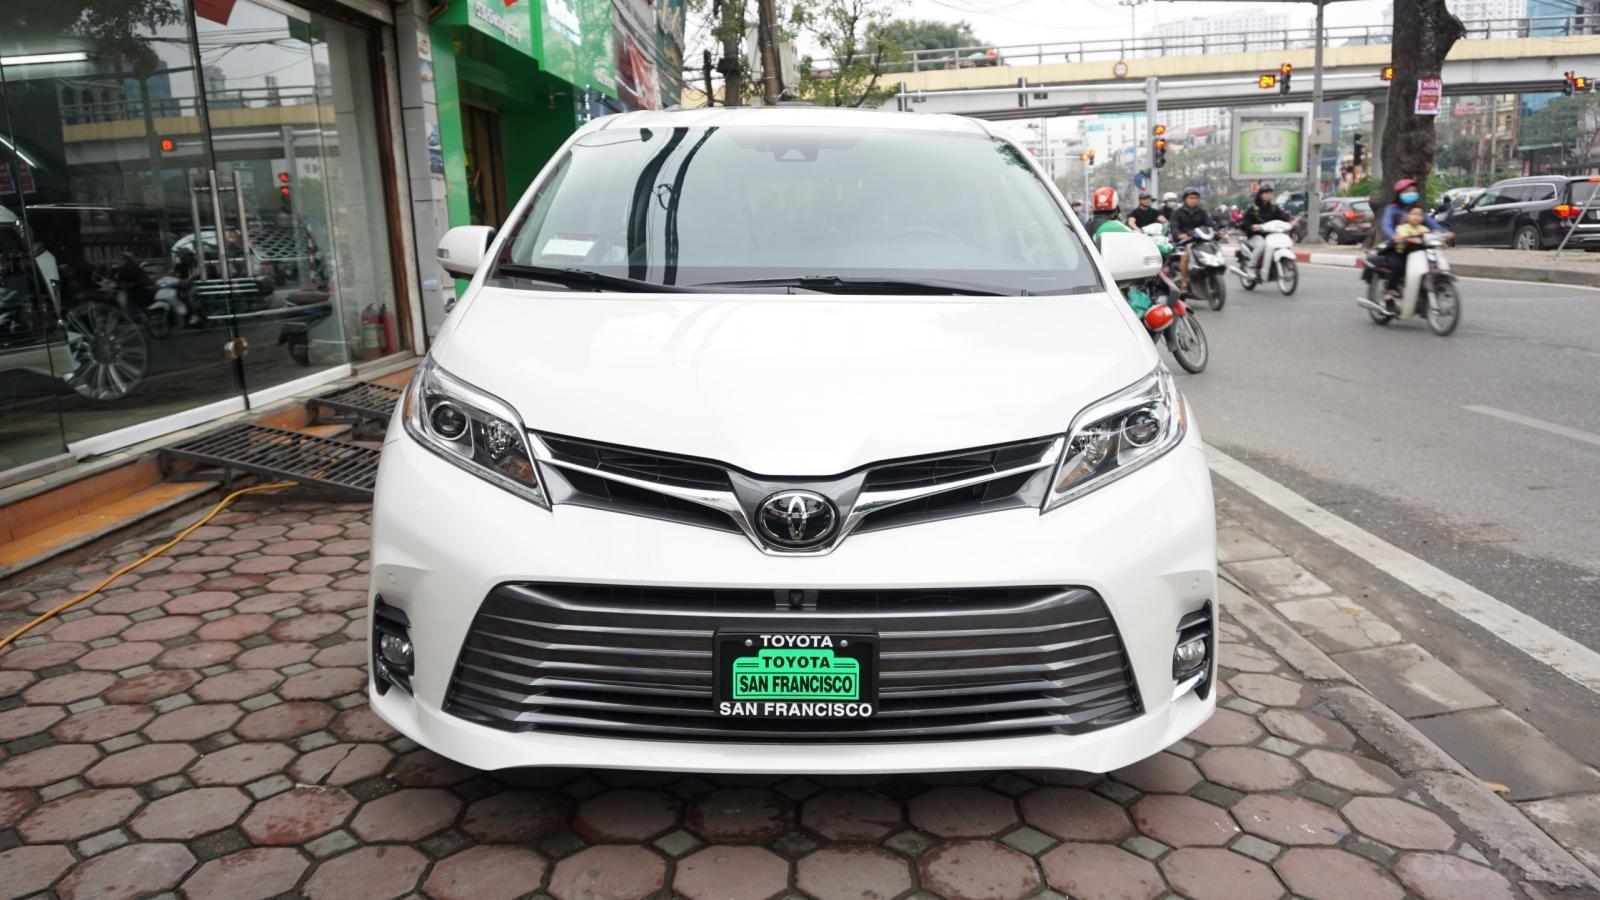 Bán Toyota Sienna Limited 1 cầu 2020 giao ngay, giá tốt nhất, LH 094.539.2468 Ms Hương (1)